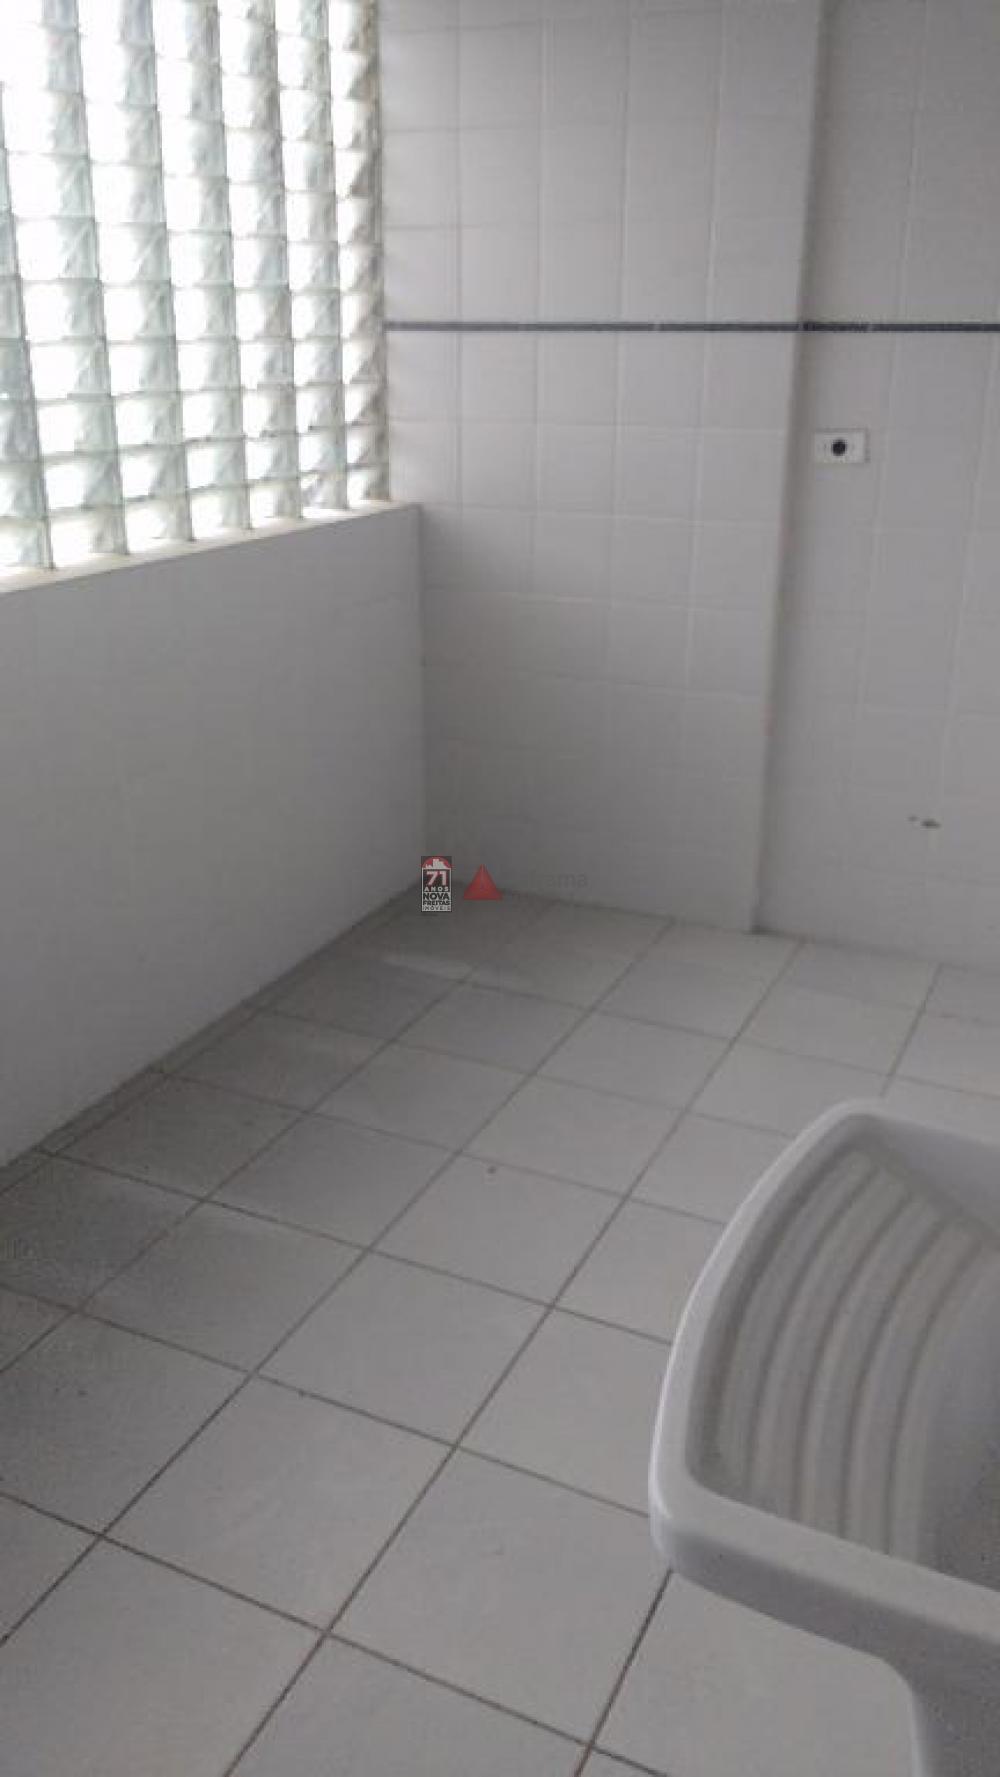 Alugar Apartamento / Padrão em Caraguatatuba R$ 2.000,00 - Foto 5